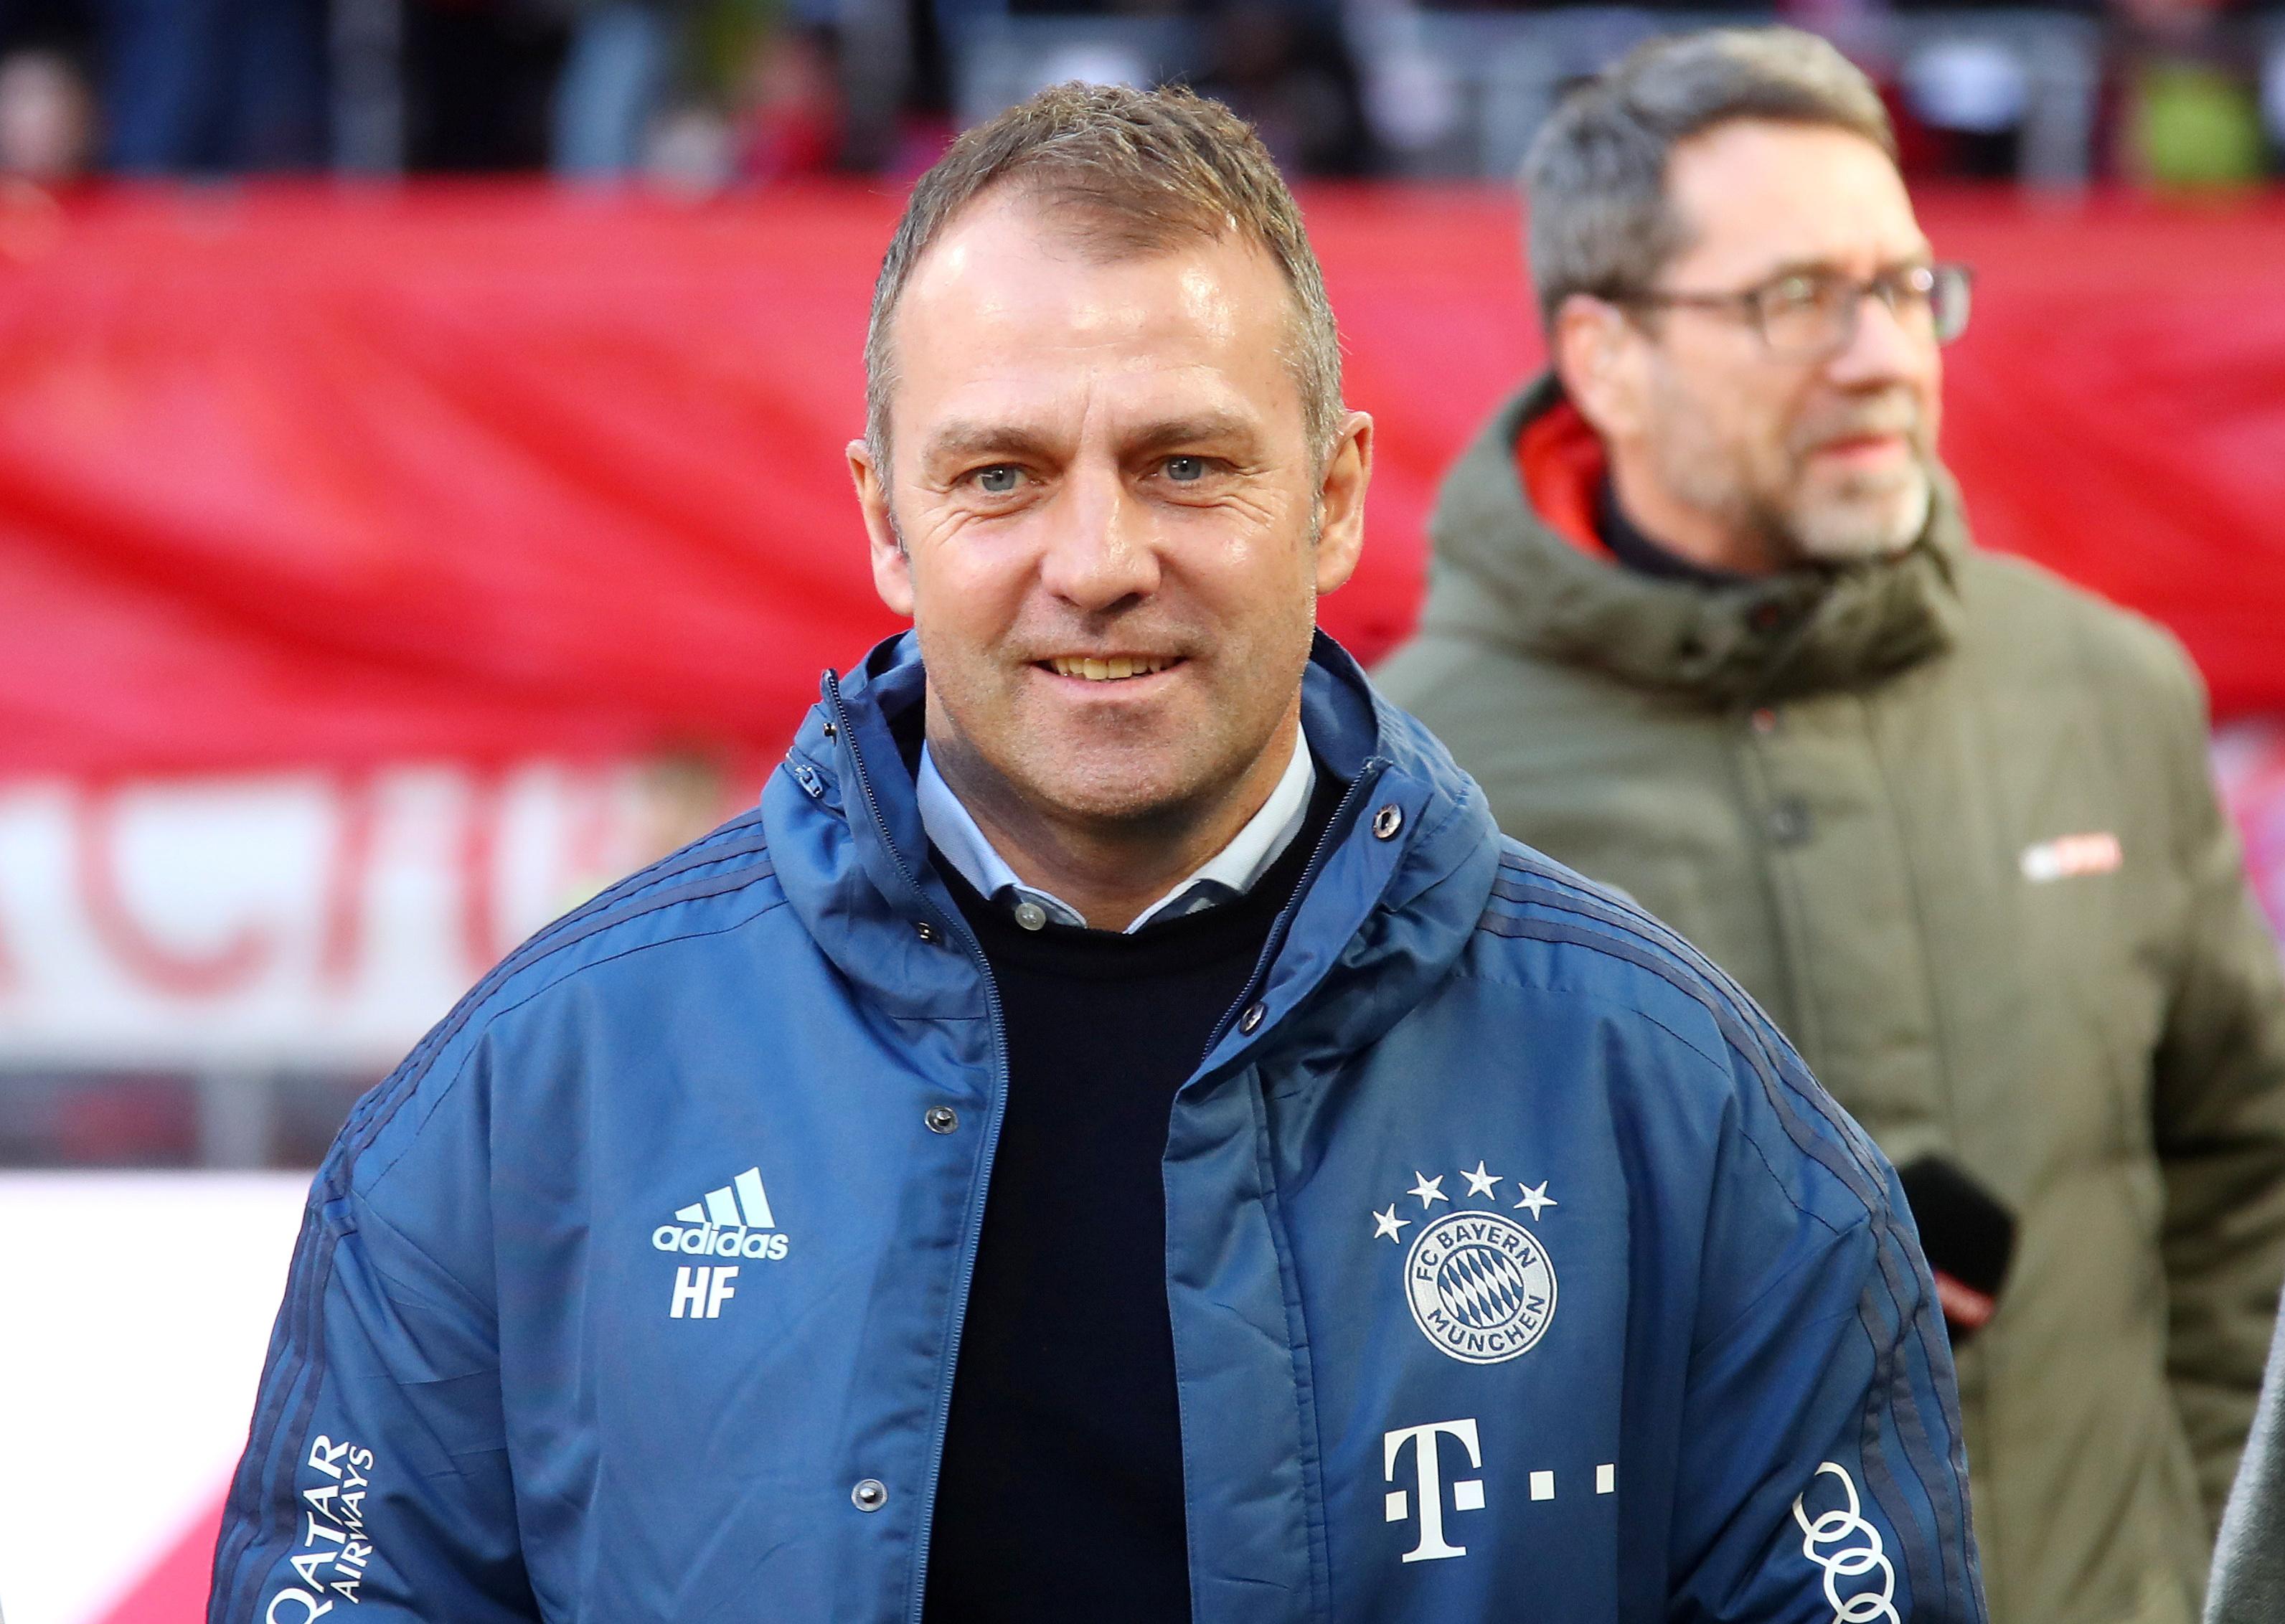 Football - Etranger - Le Bayern Munich prolonge son entraîneur, Hans-Dieter Flick, jusqu'en 2023